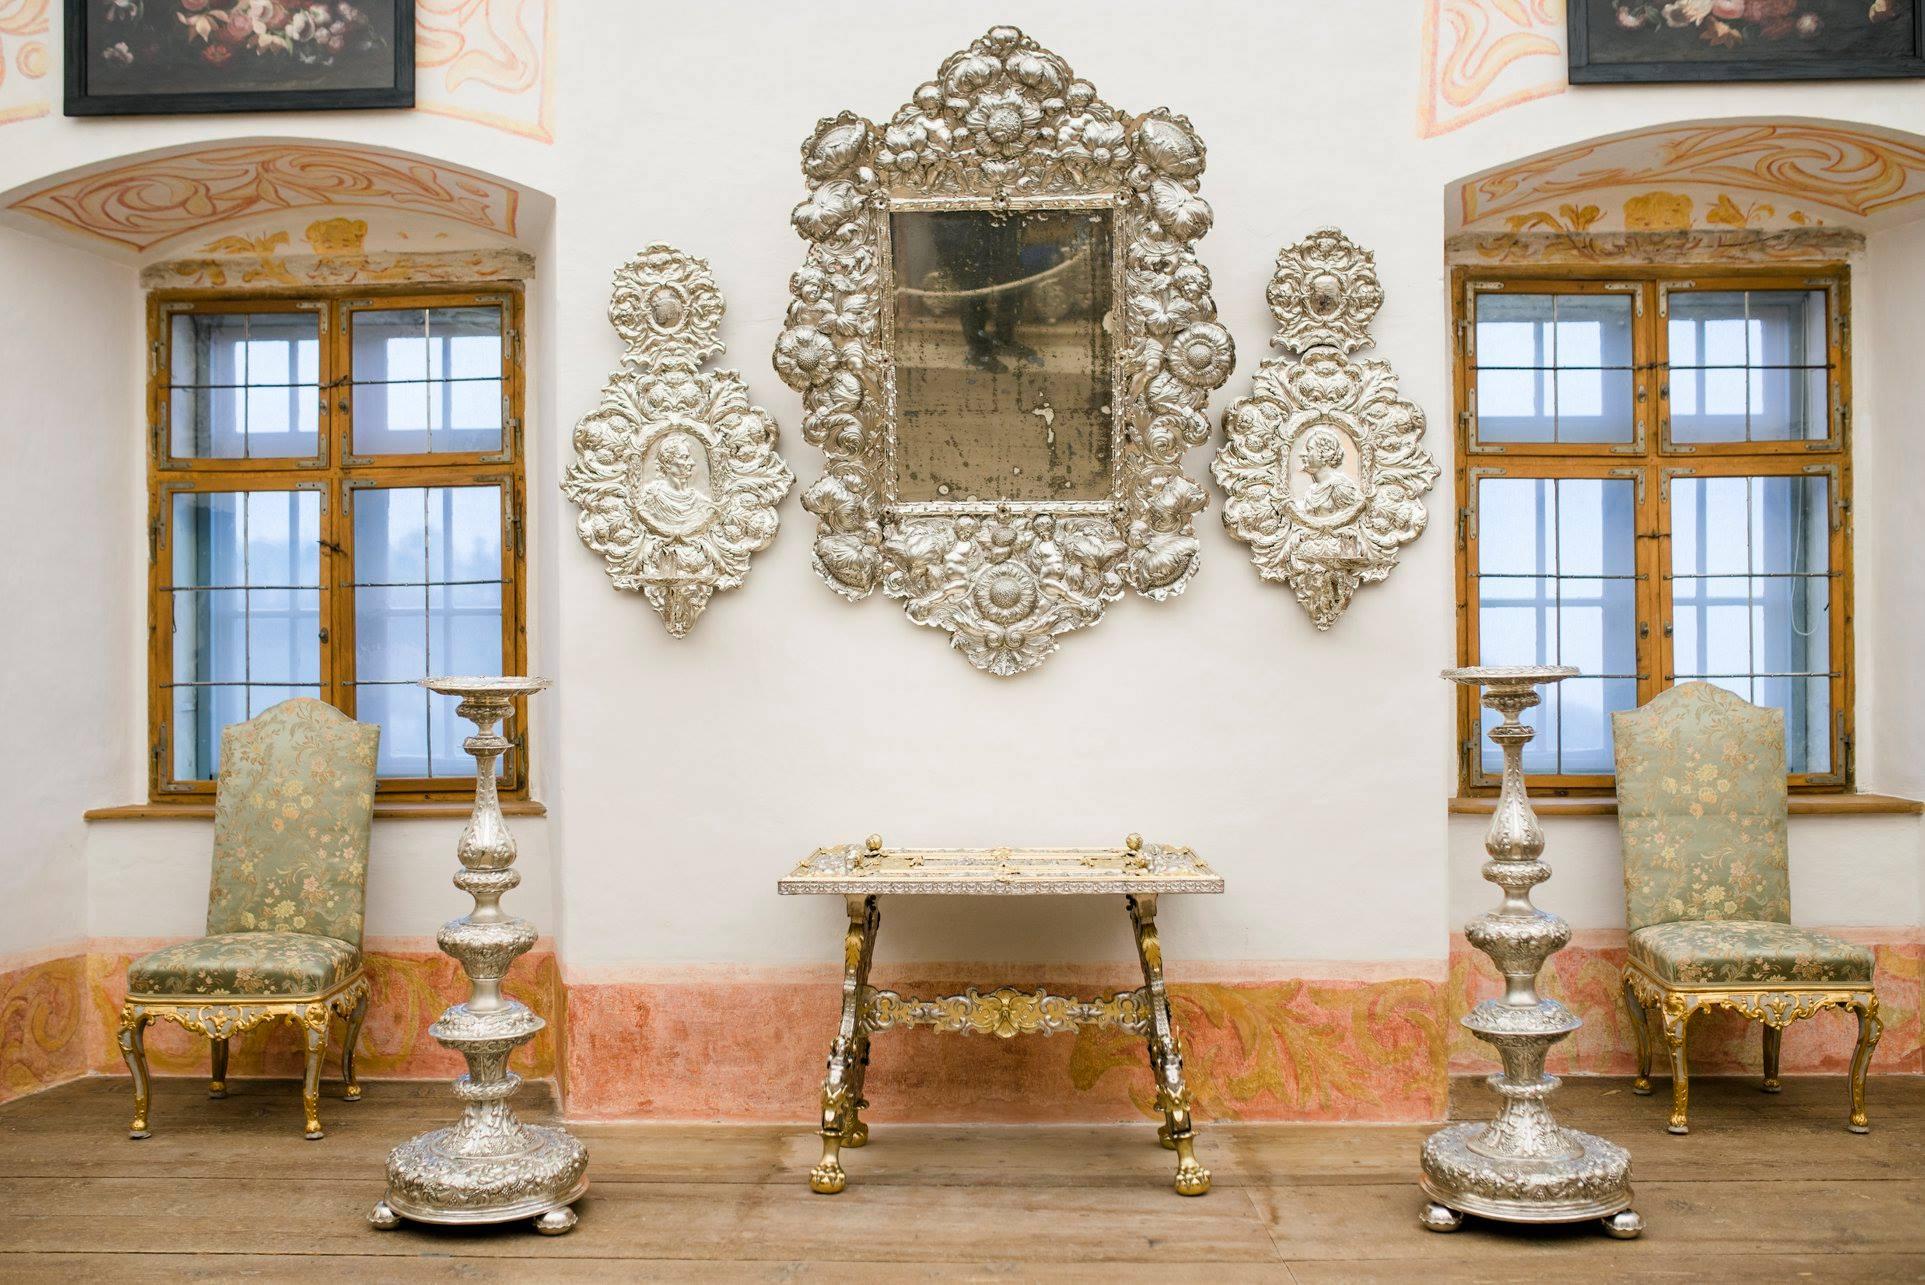 Nach Bestätigung des Gerichts verbleiben die Esterházy-Schätze im Besitz des ungarischen Staates